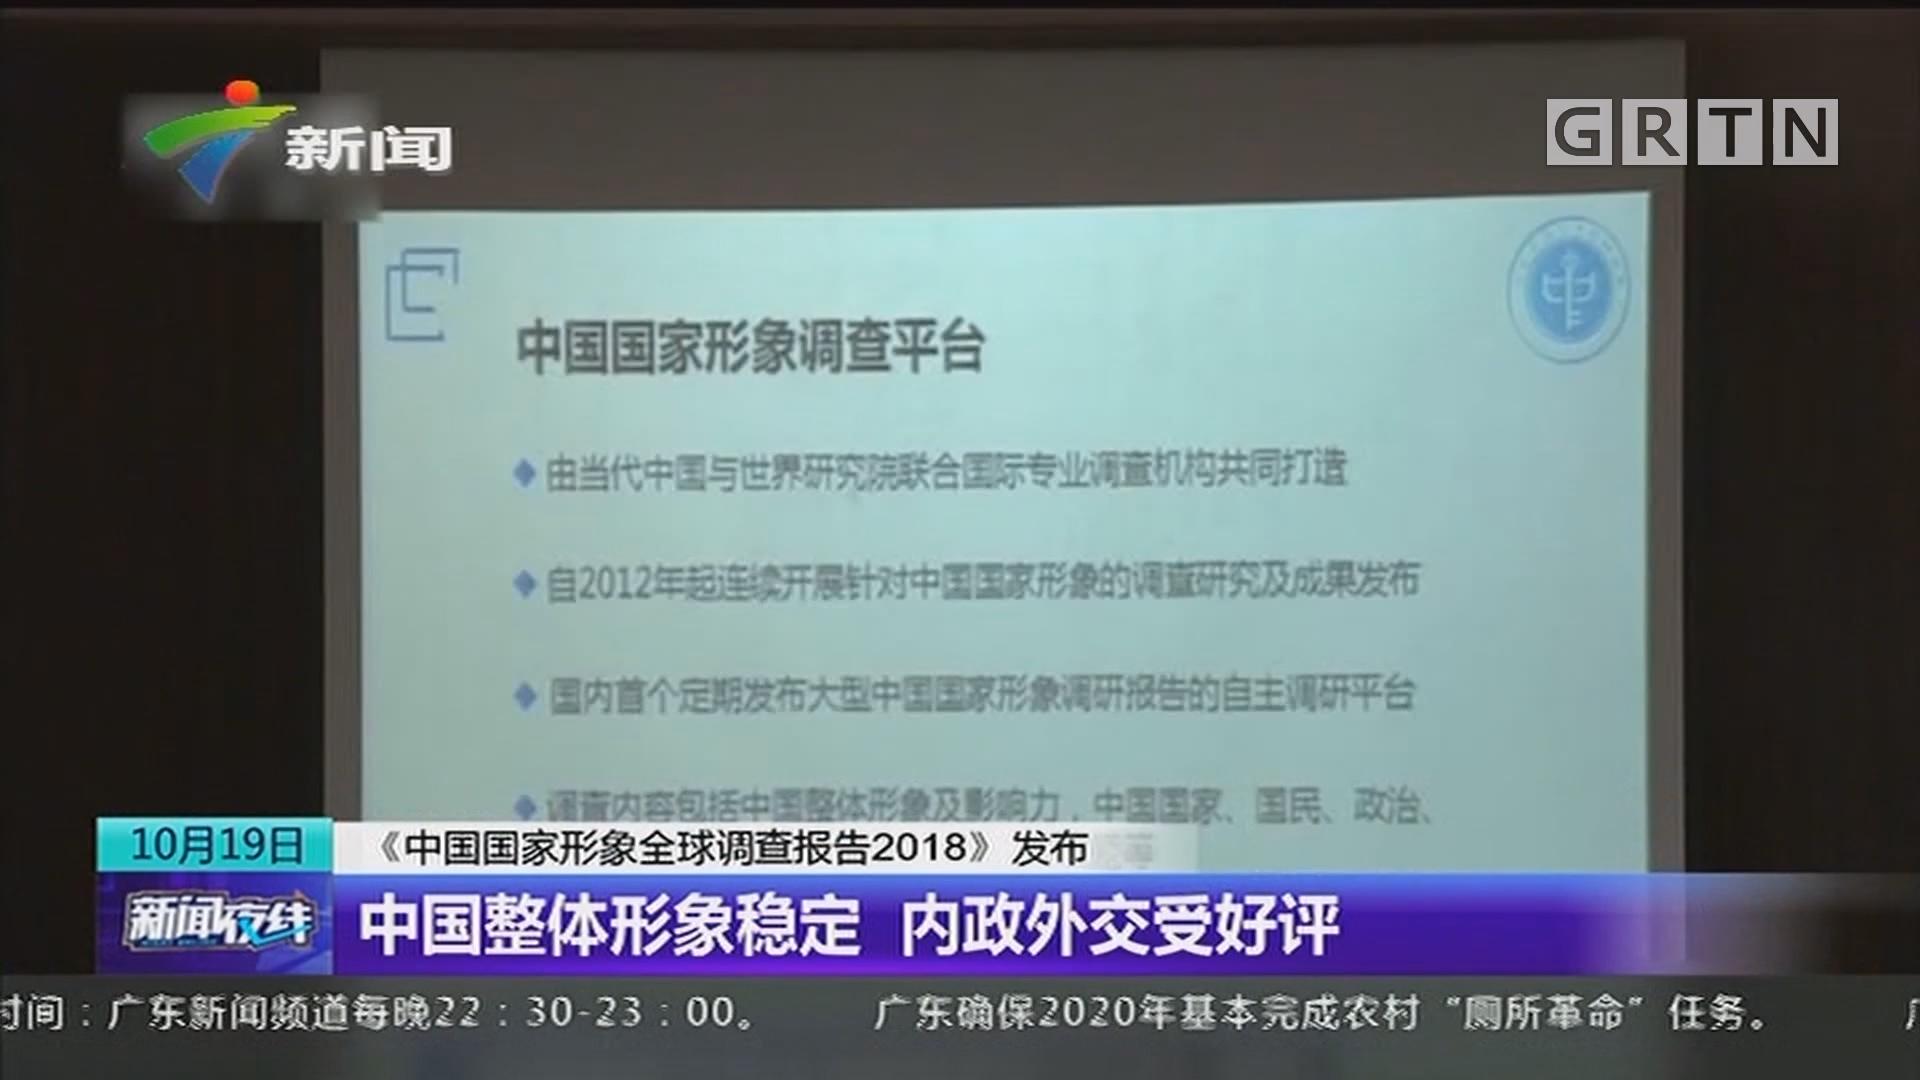 《中国国家形象全球调查报告2018》发布:中国整体形象稳定 内政外交受好评